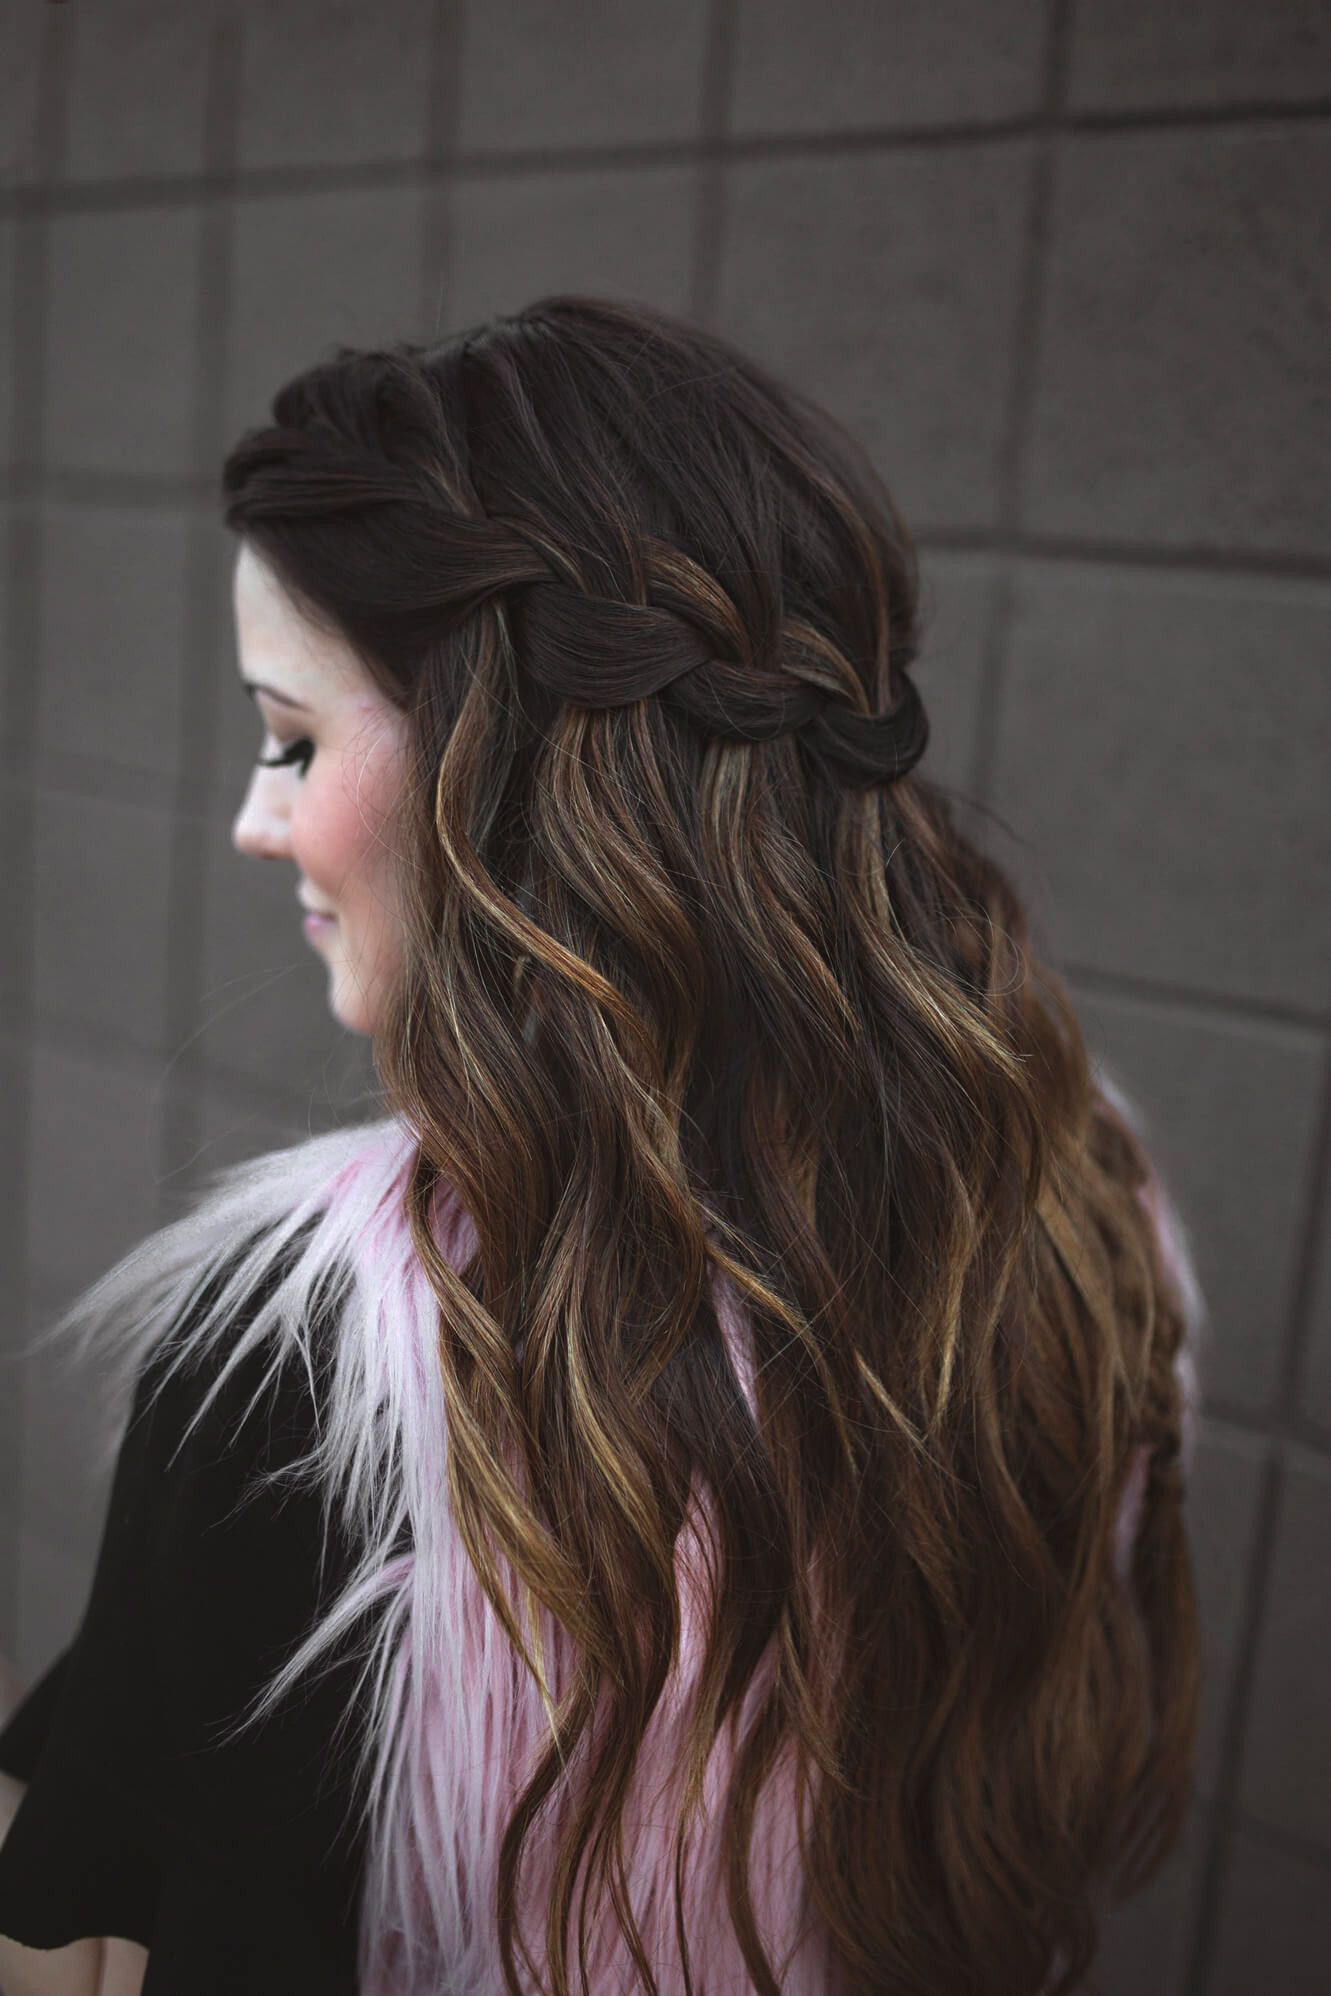 pinterest | kaitlynkuklewski | | hair goals. | in 2019